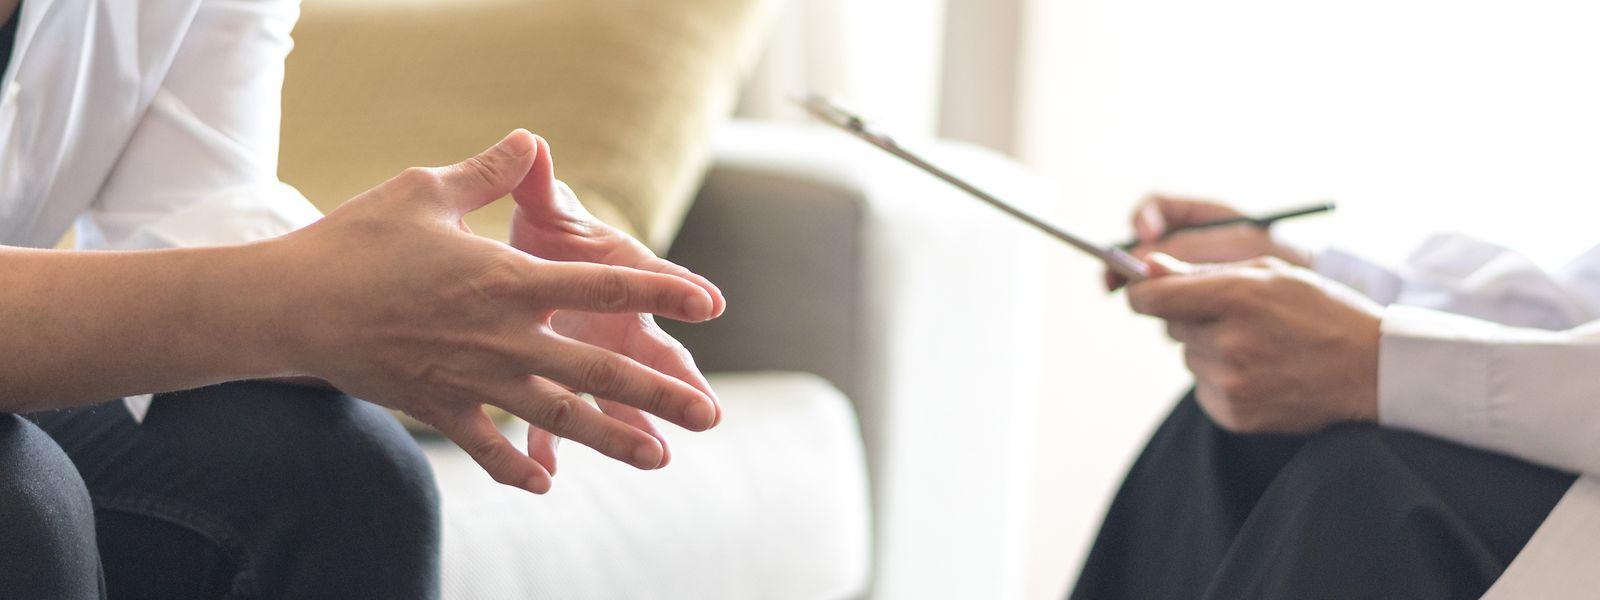 Pour que leur séance de psychothérapie leur soit remboursée, les patients doivent d'abord passer par leur médecin traitant.